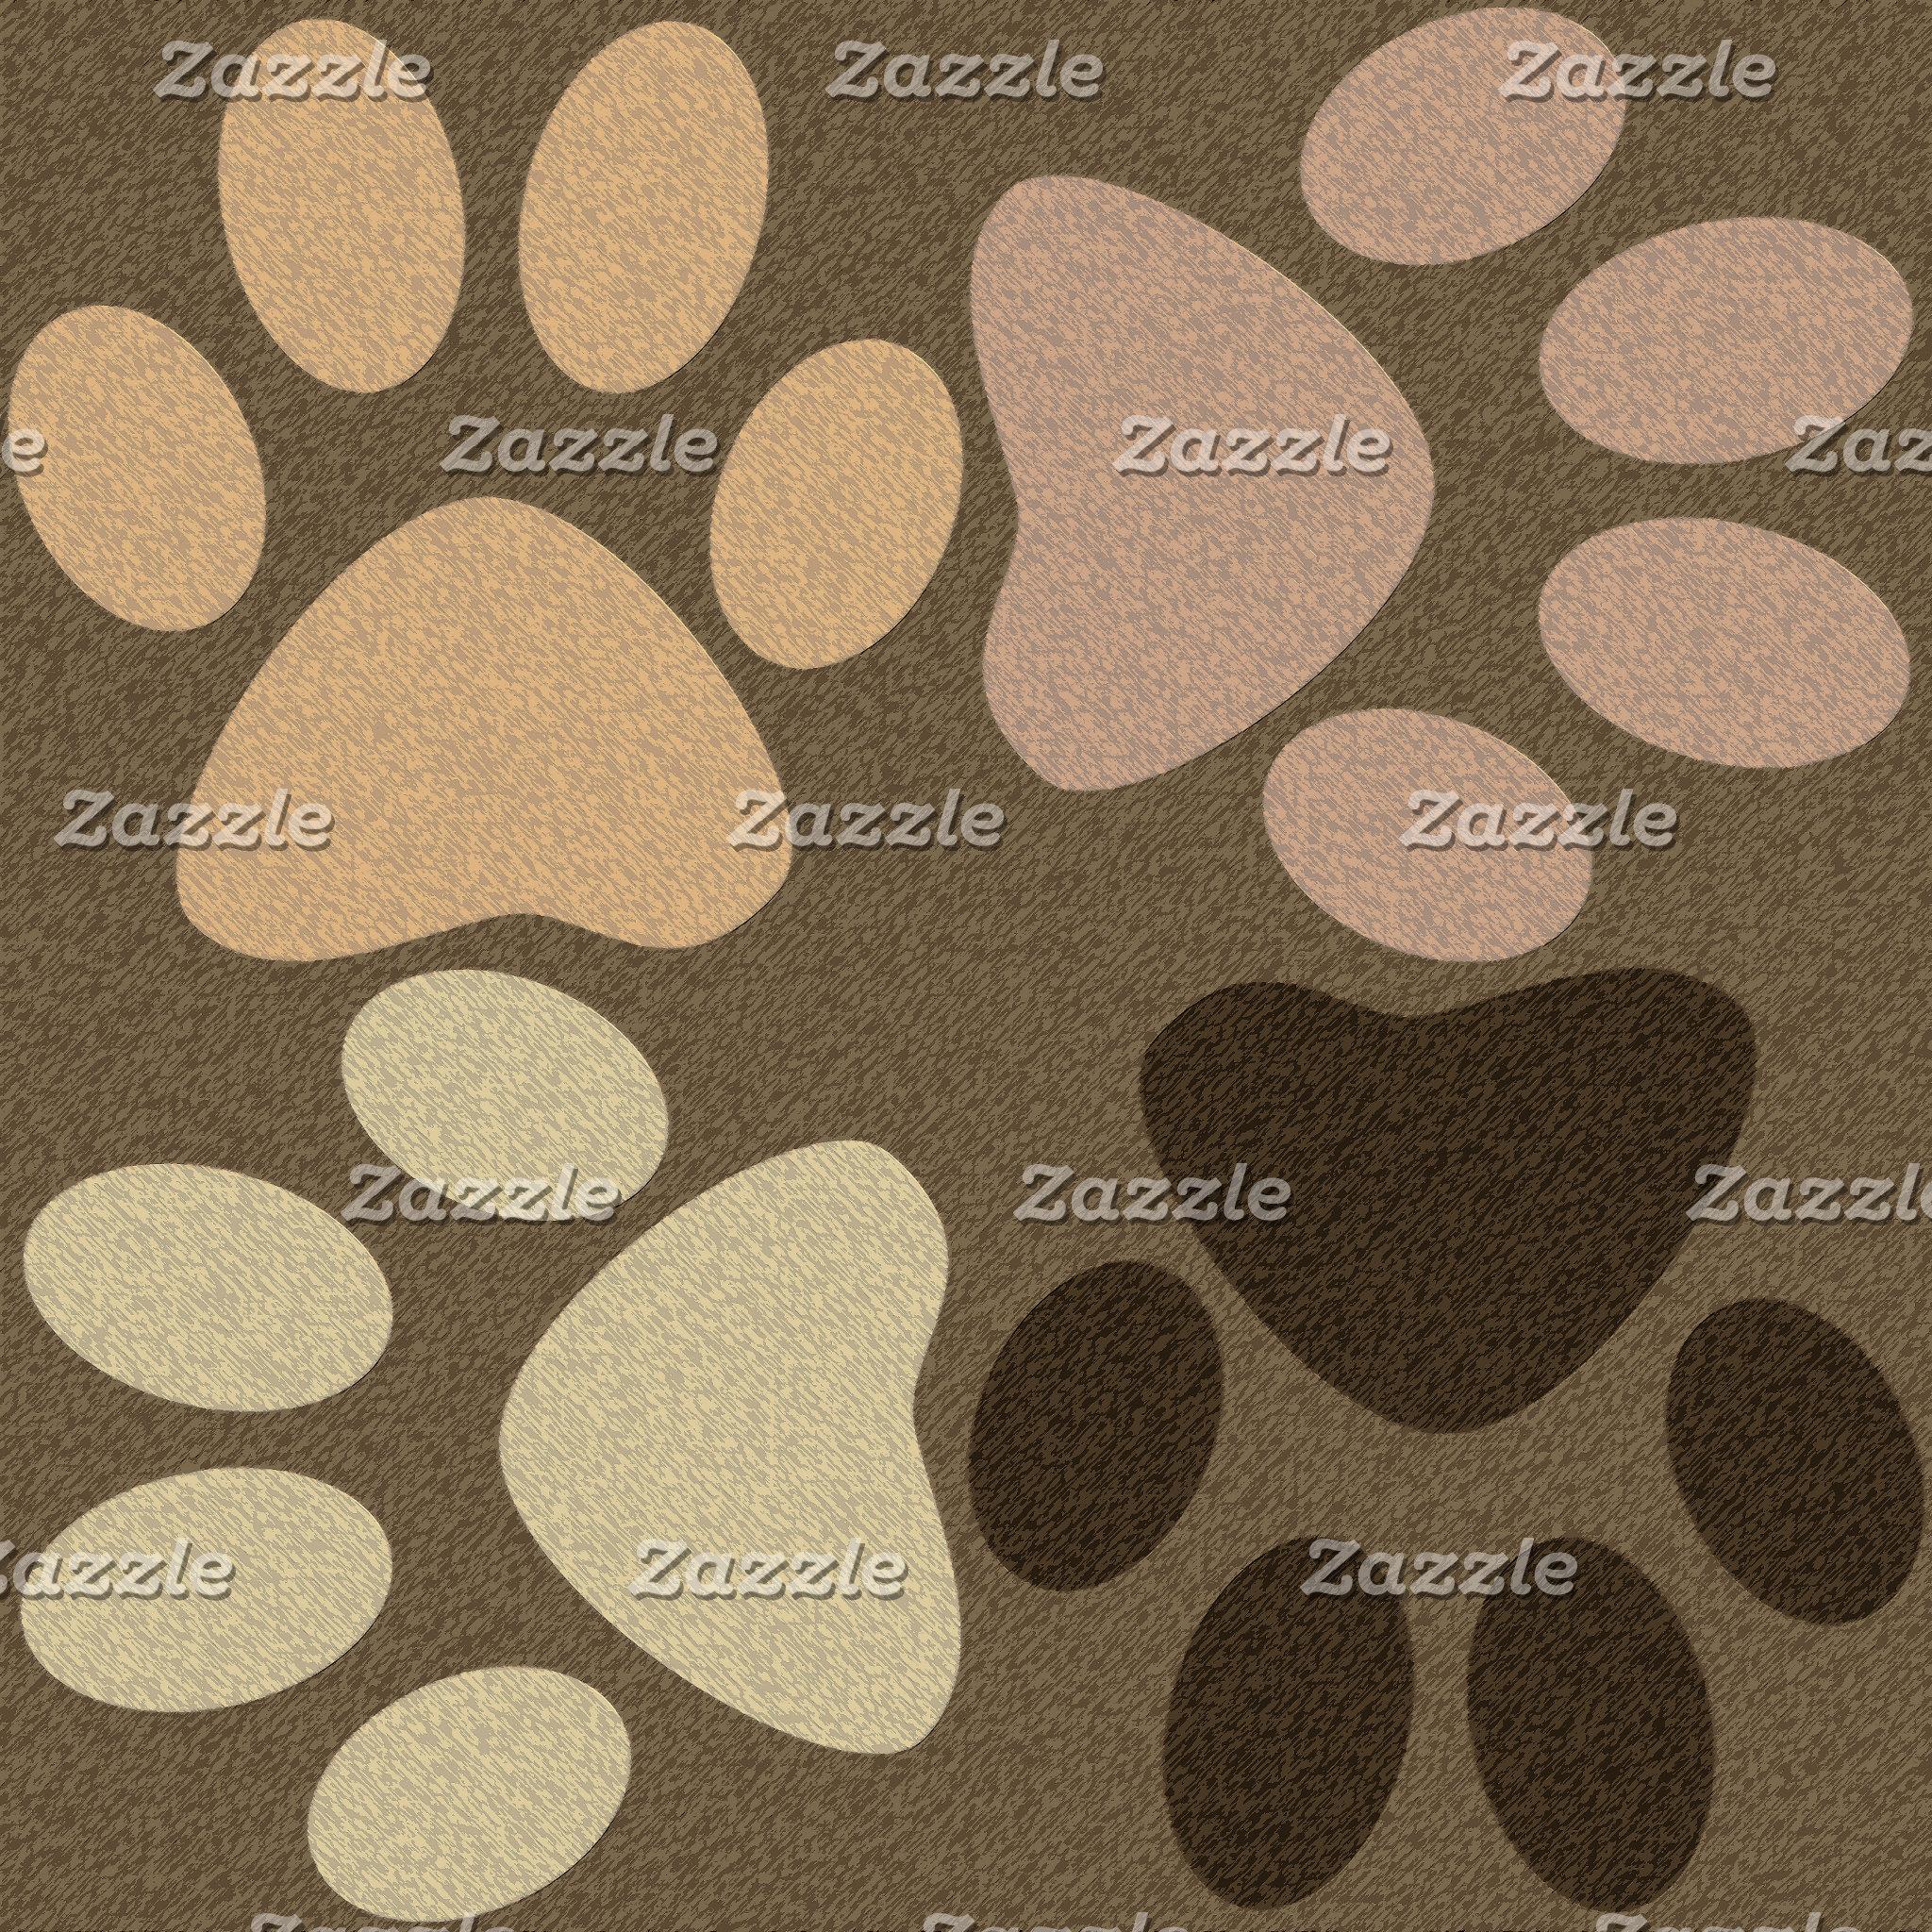 Tiled Pattern Designs